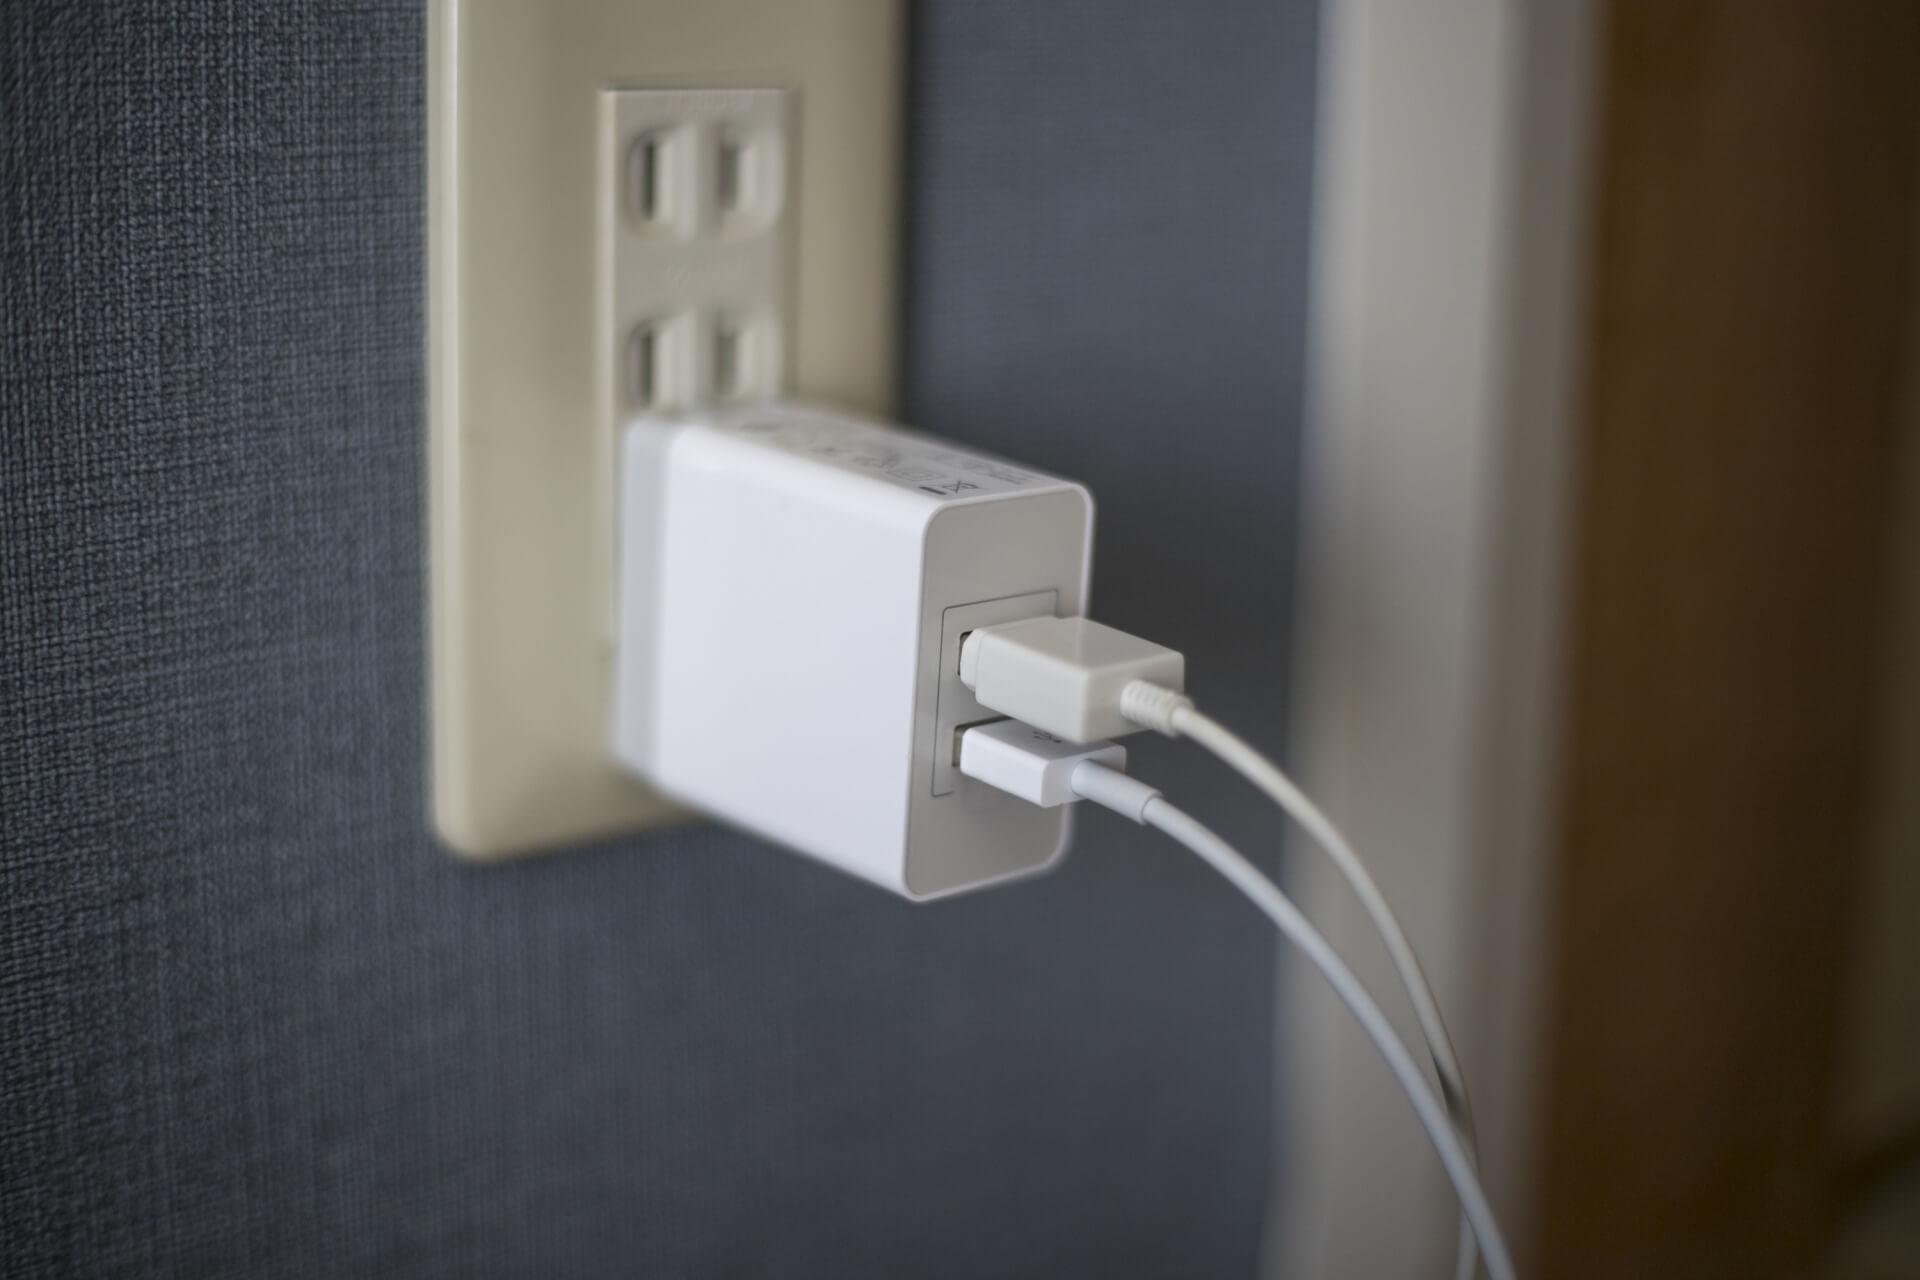 【注意】盗電について